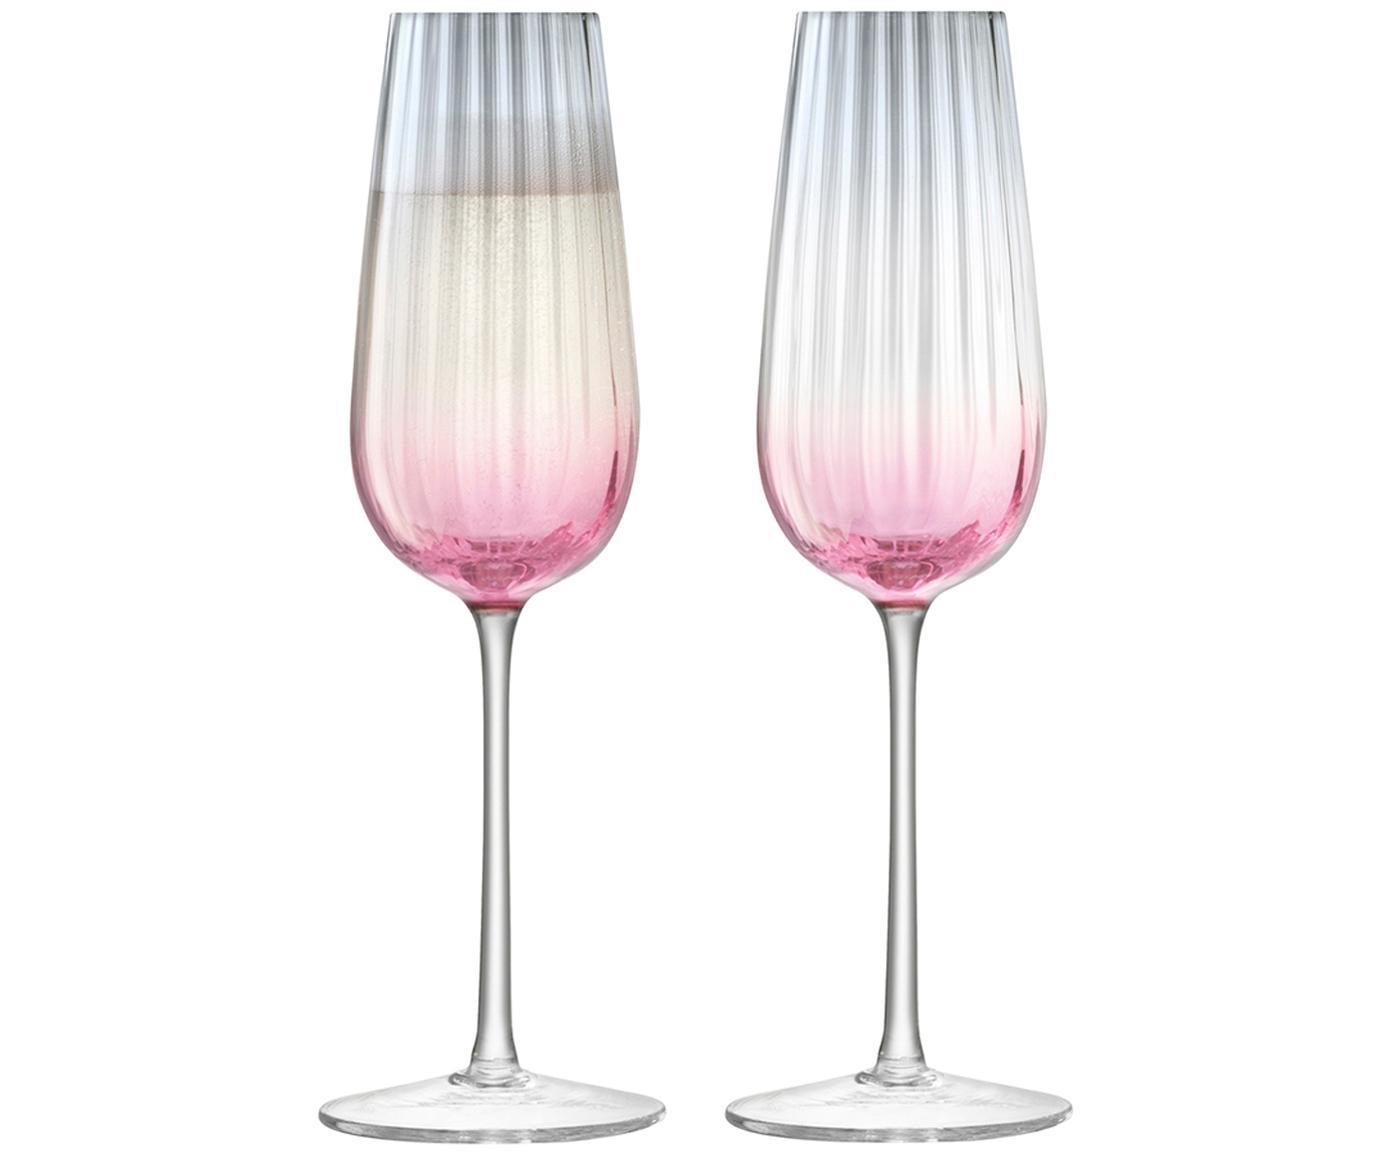 Handgefertigte Sektgläser Dusk mit Farbverlauf, 2er-Set, Glas, Rosa, Grau, Ø 6 x H 23 cm